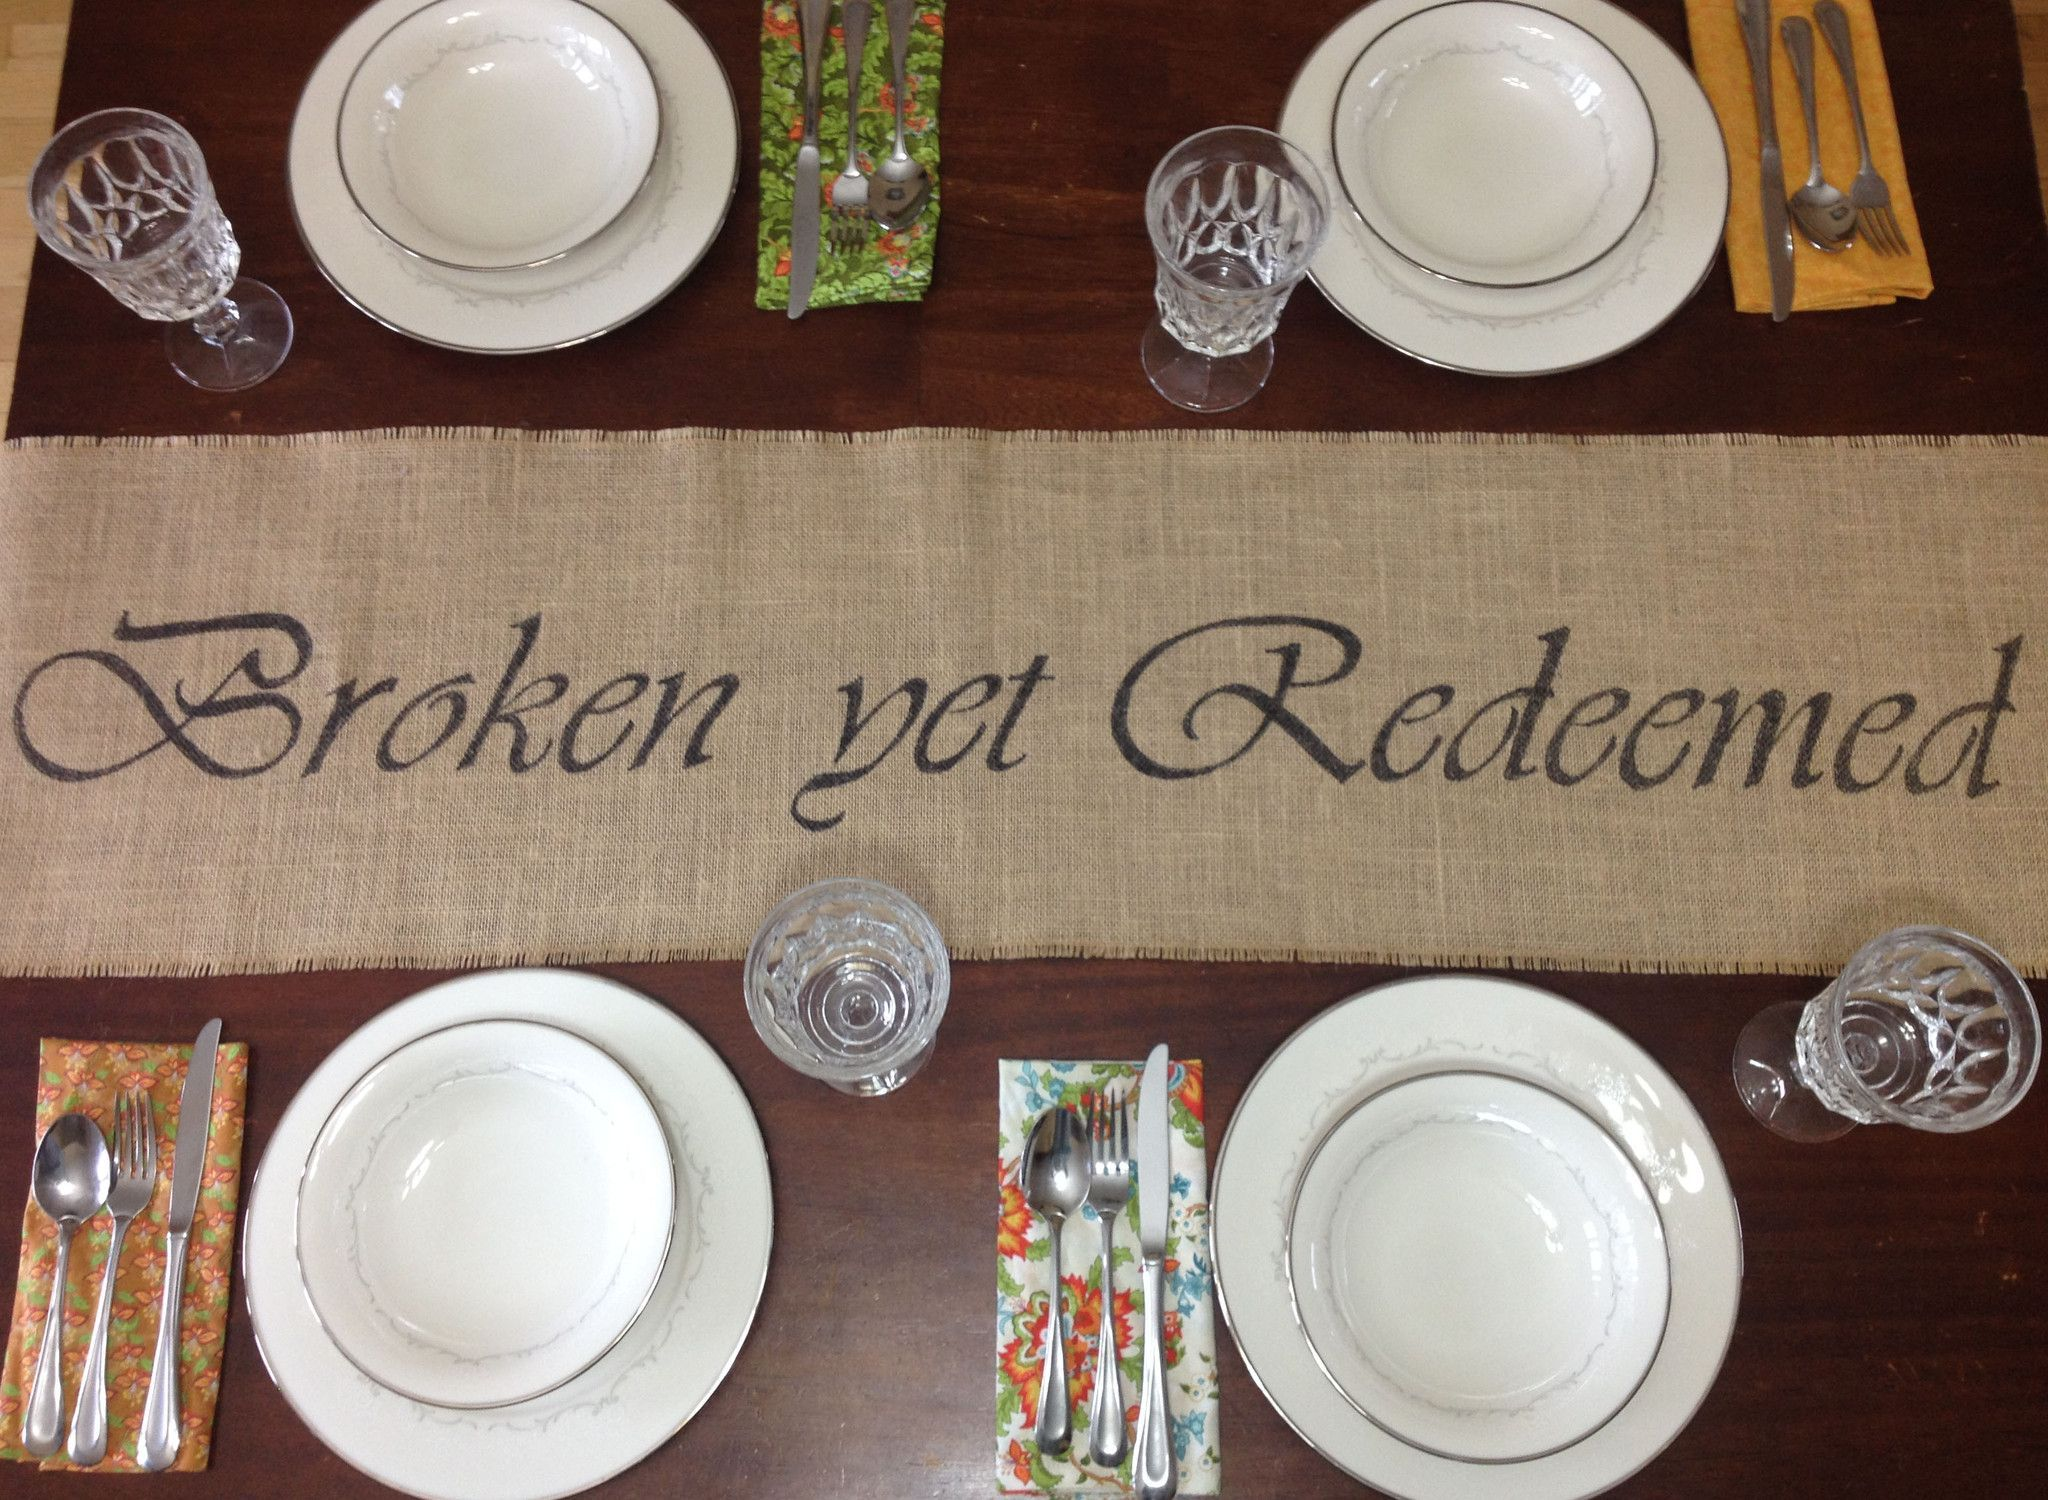 Burlap Broken Yet Redeemed Table Runner